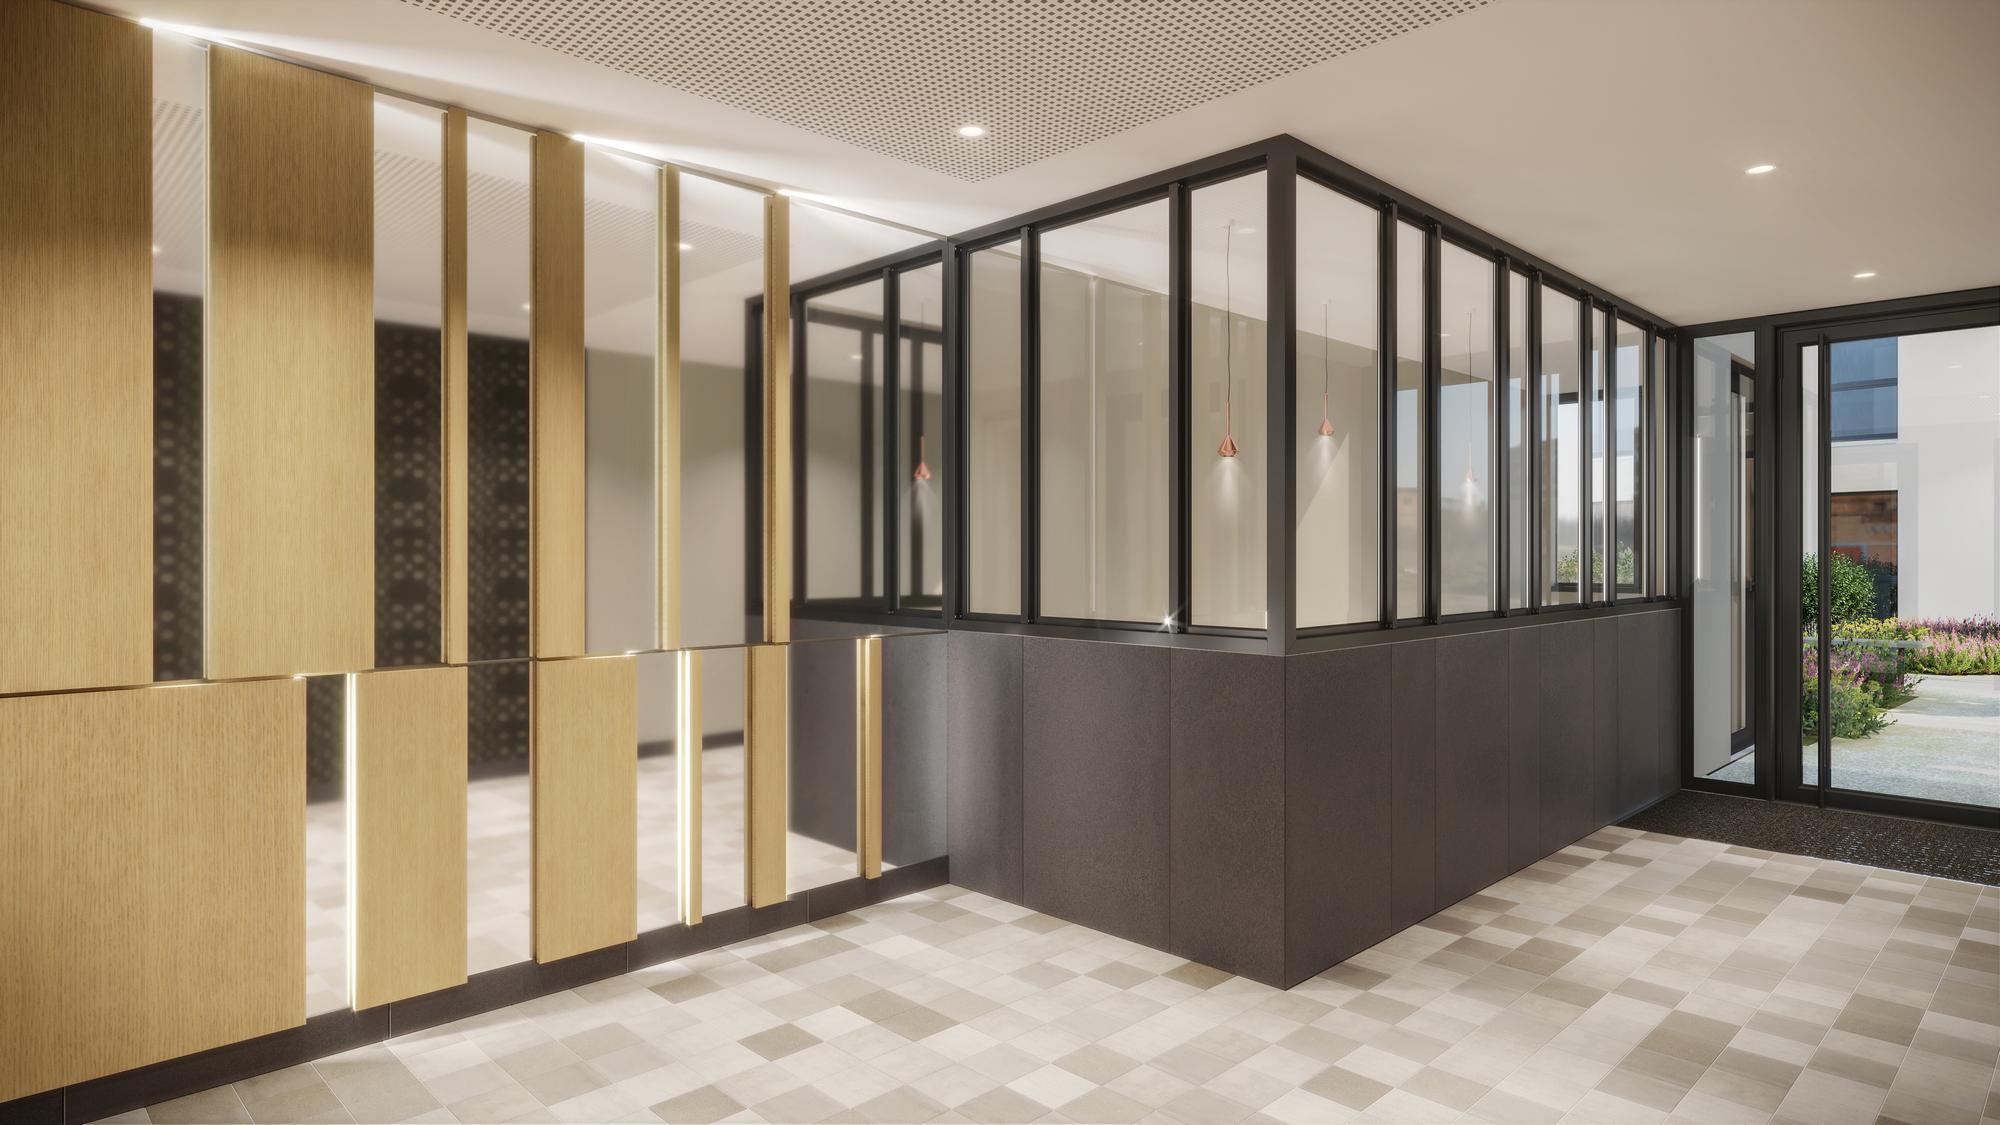 Cogedim_Le Carré d'Ikebana_Caluire_Image Hall